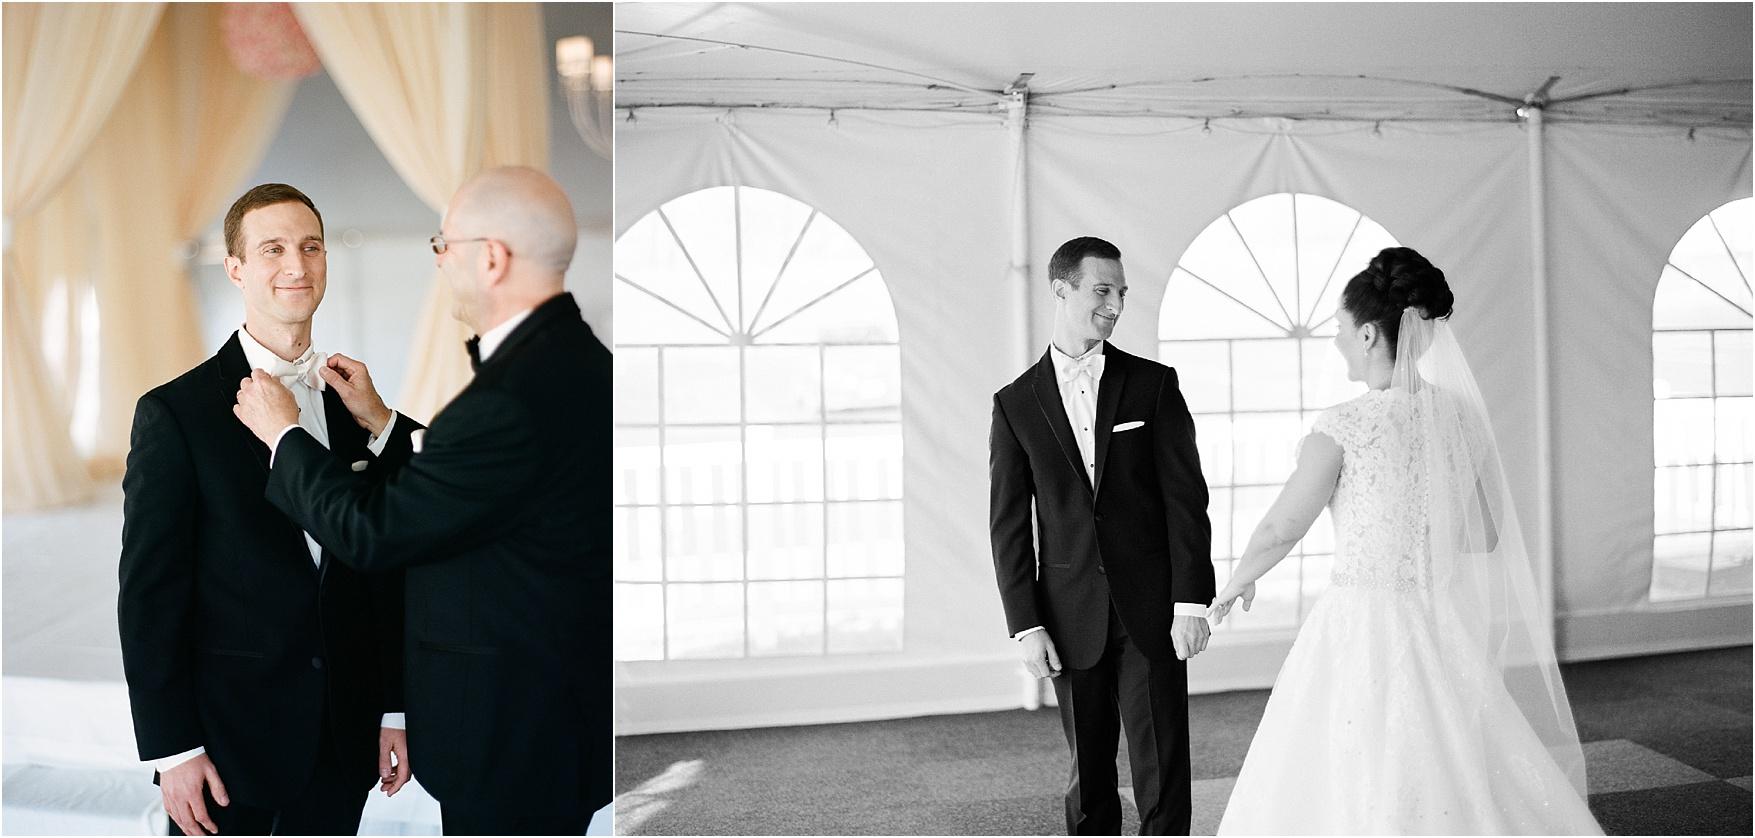 wedding photography st louis_lauren muckler photography_film photographer_film wedding_0051.jpg